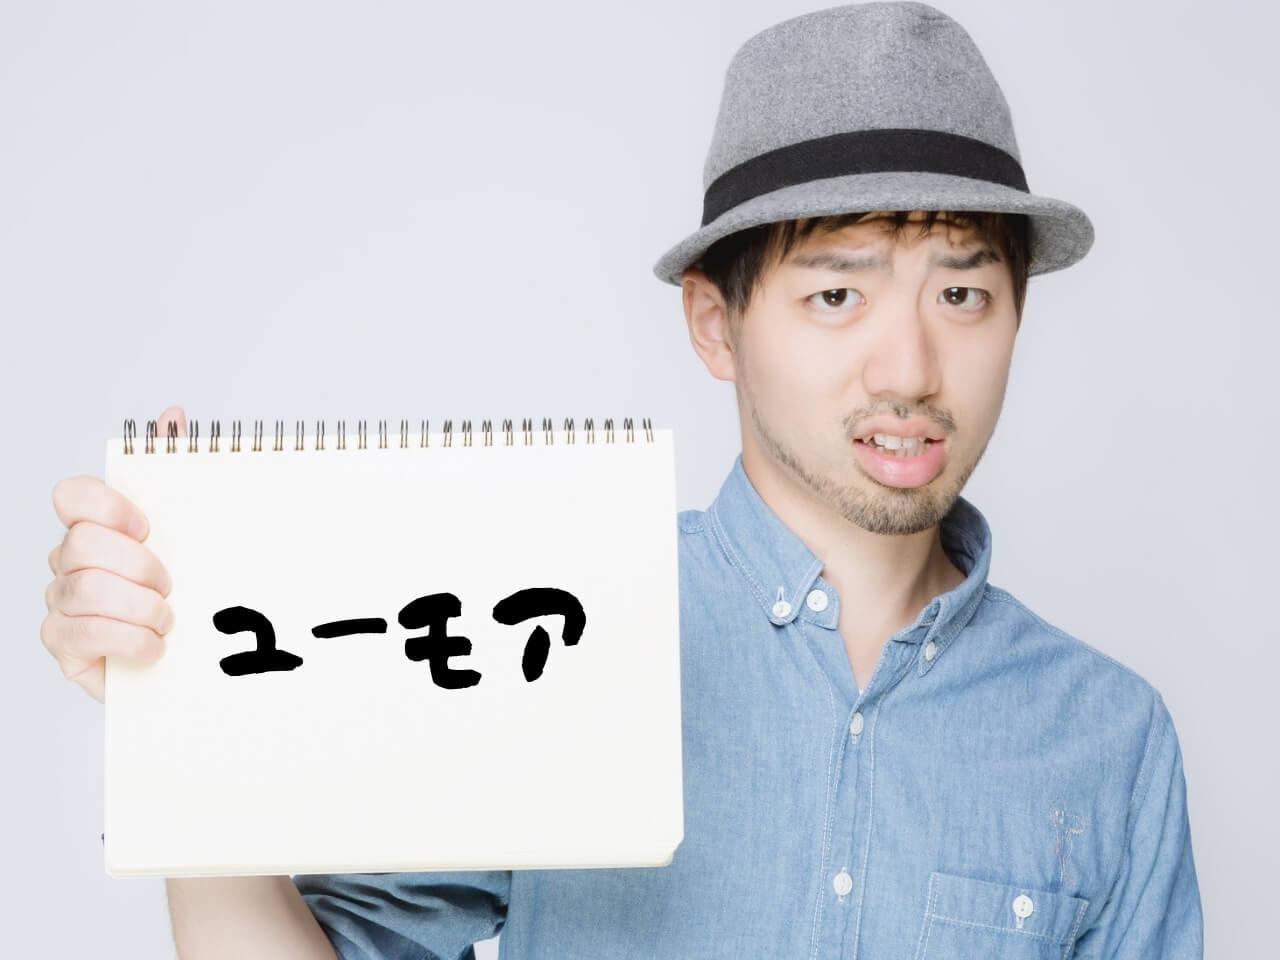 「ユーモア」と書かれたスケッチブックを持つ男性